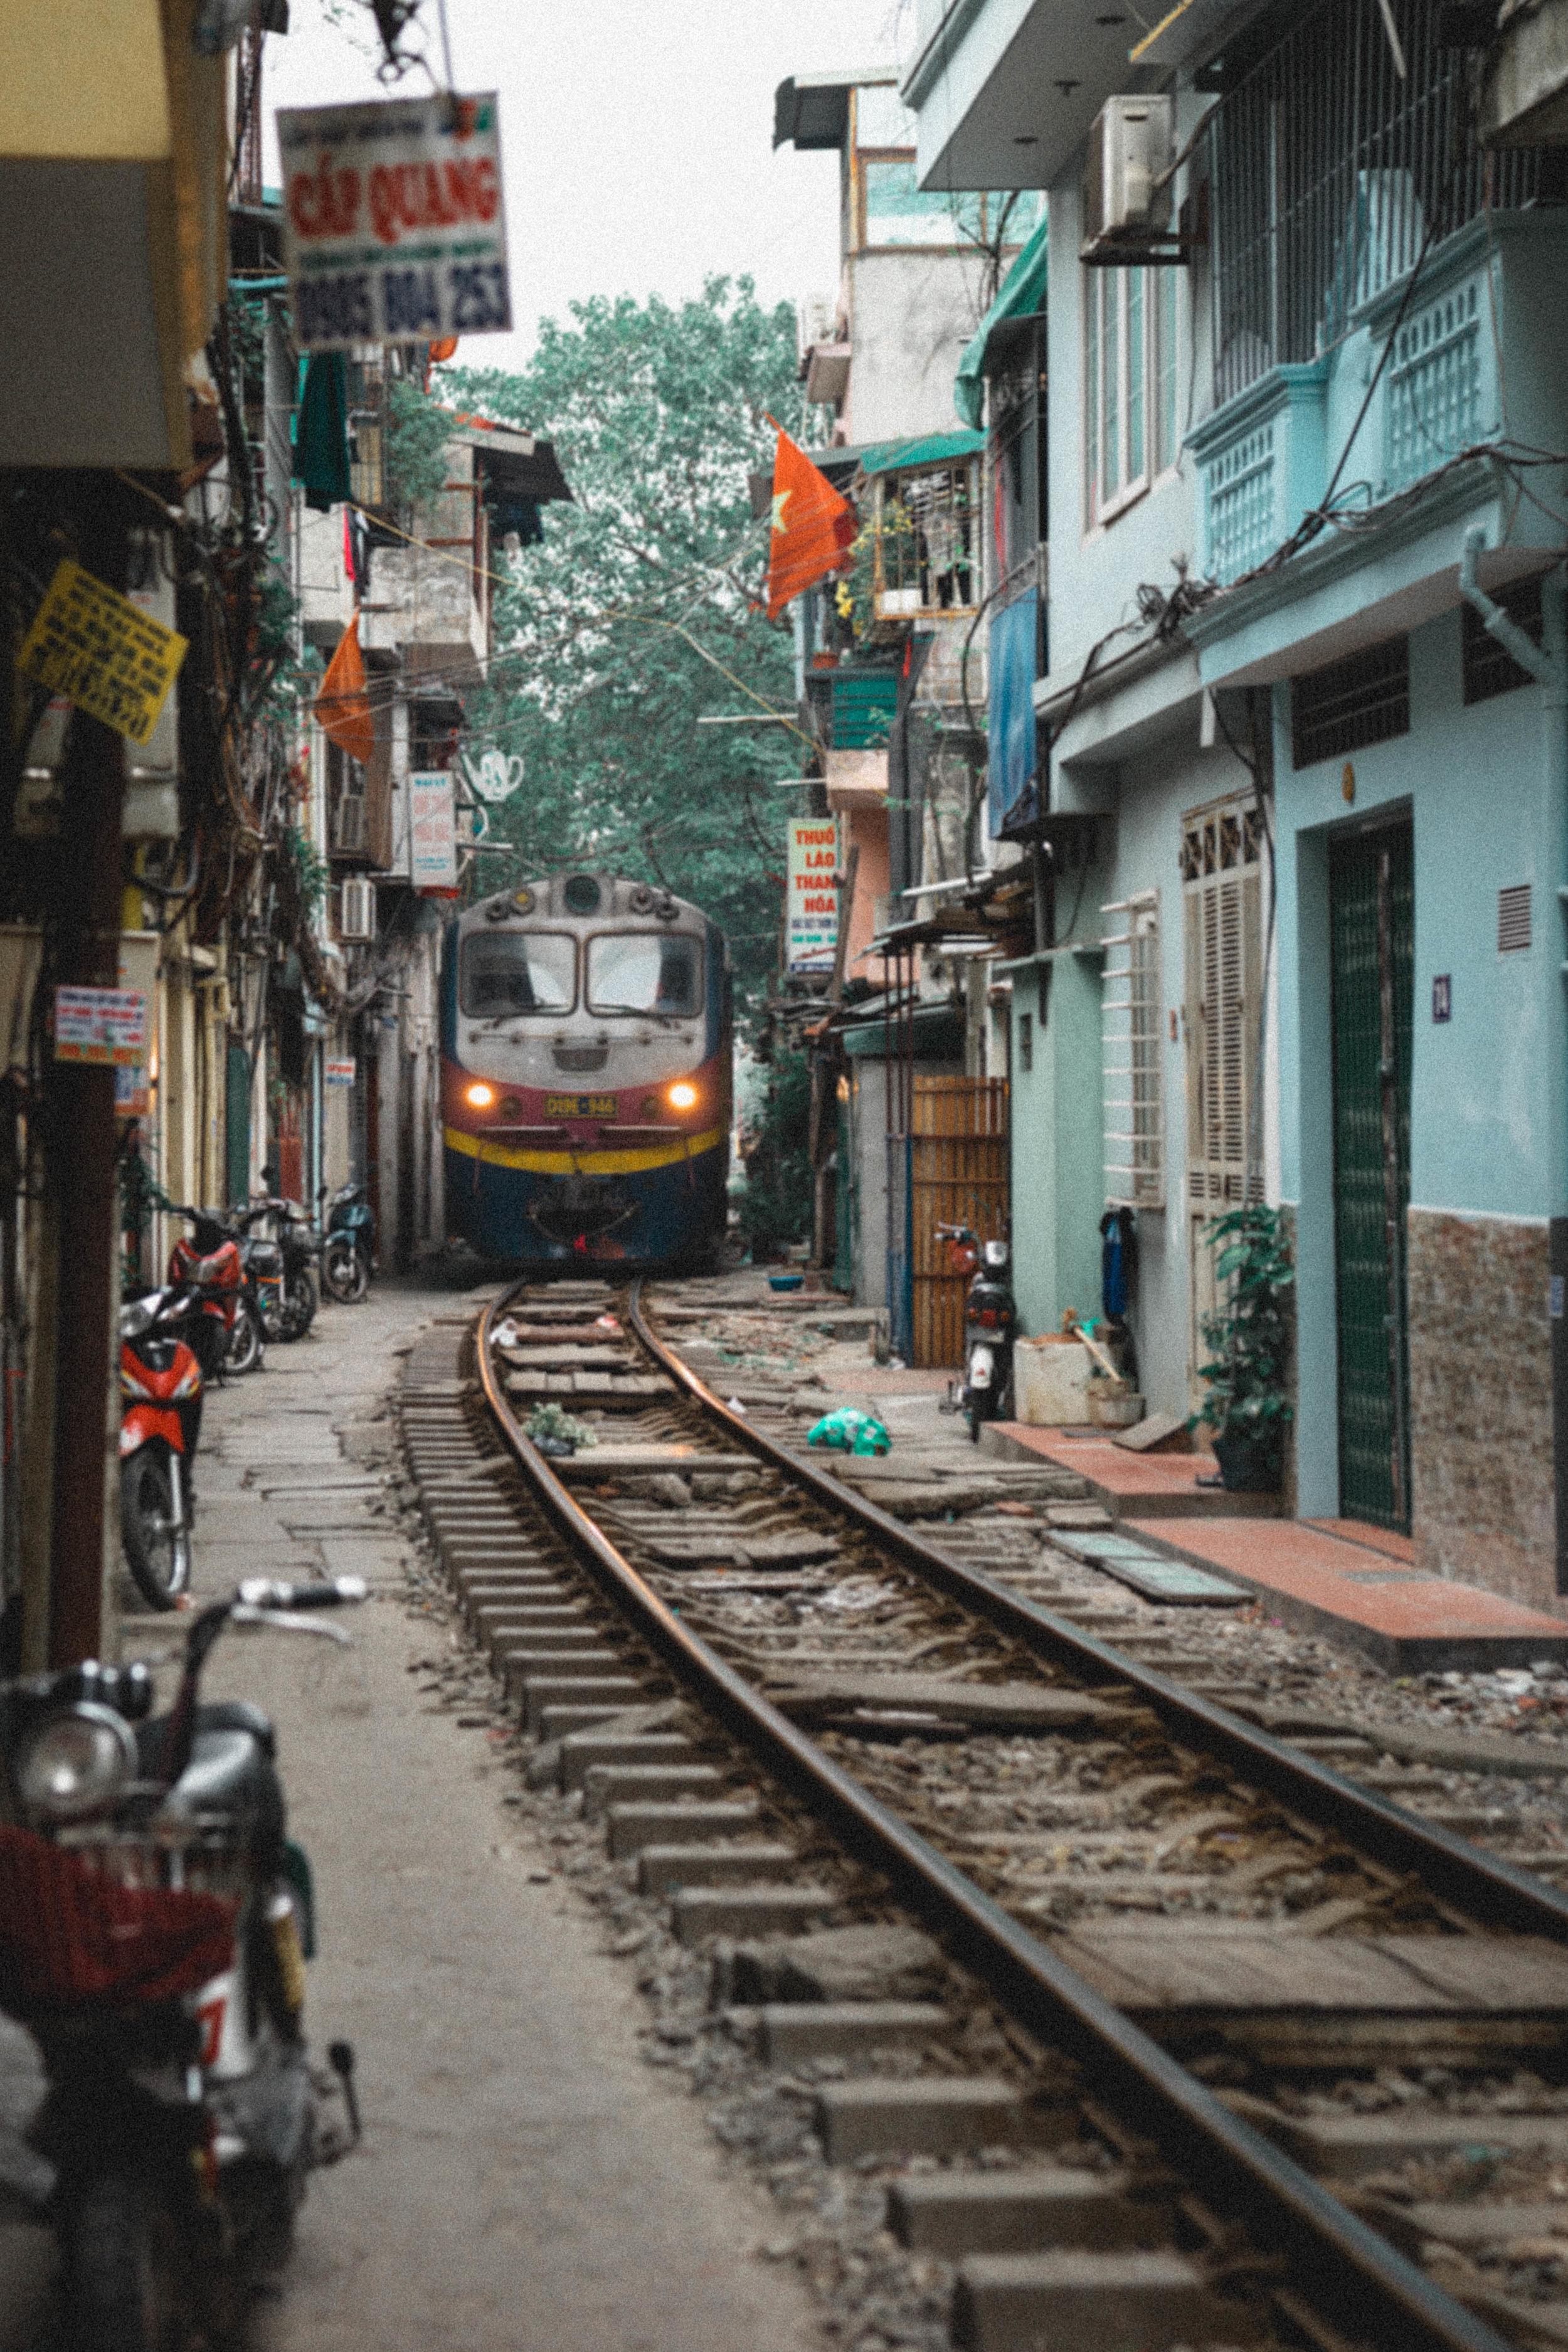 Residential train streets of Hanoi